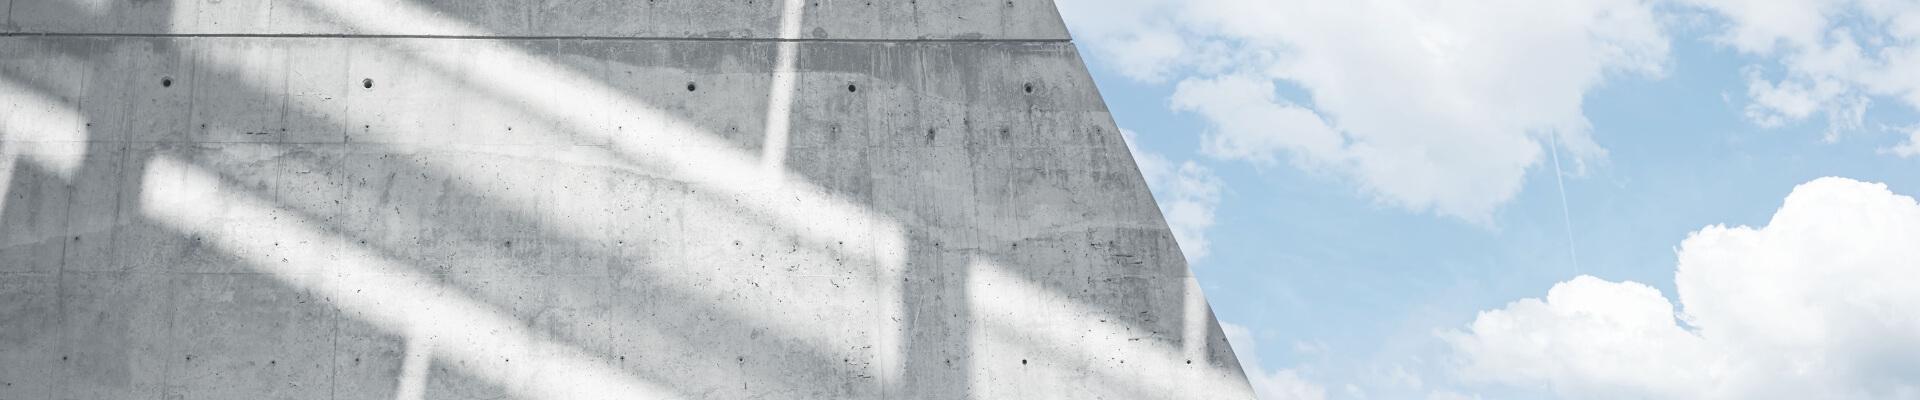 STLB-Bau: DIN- und VOB-gerechte Ausschreibungstexte